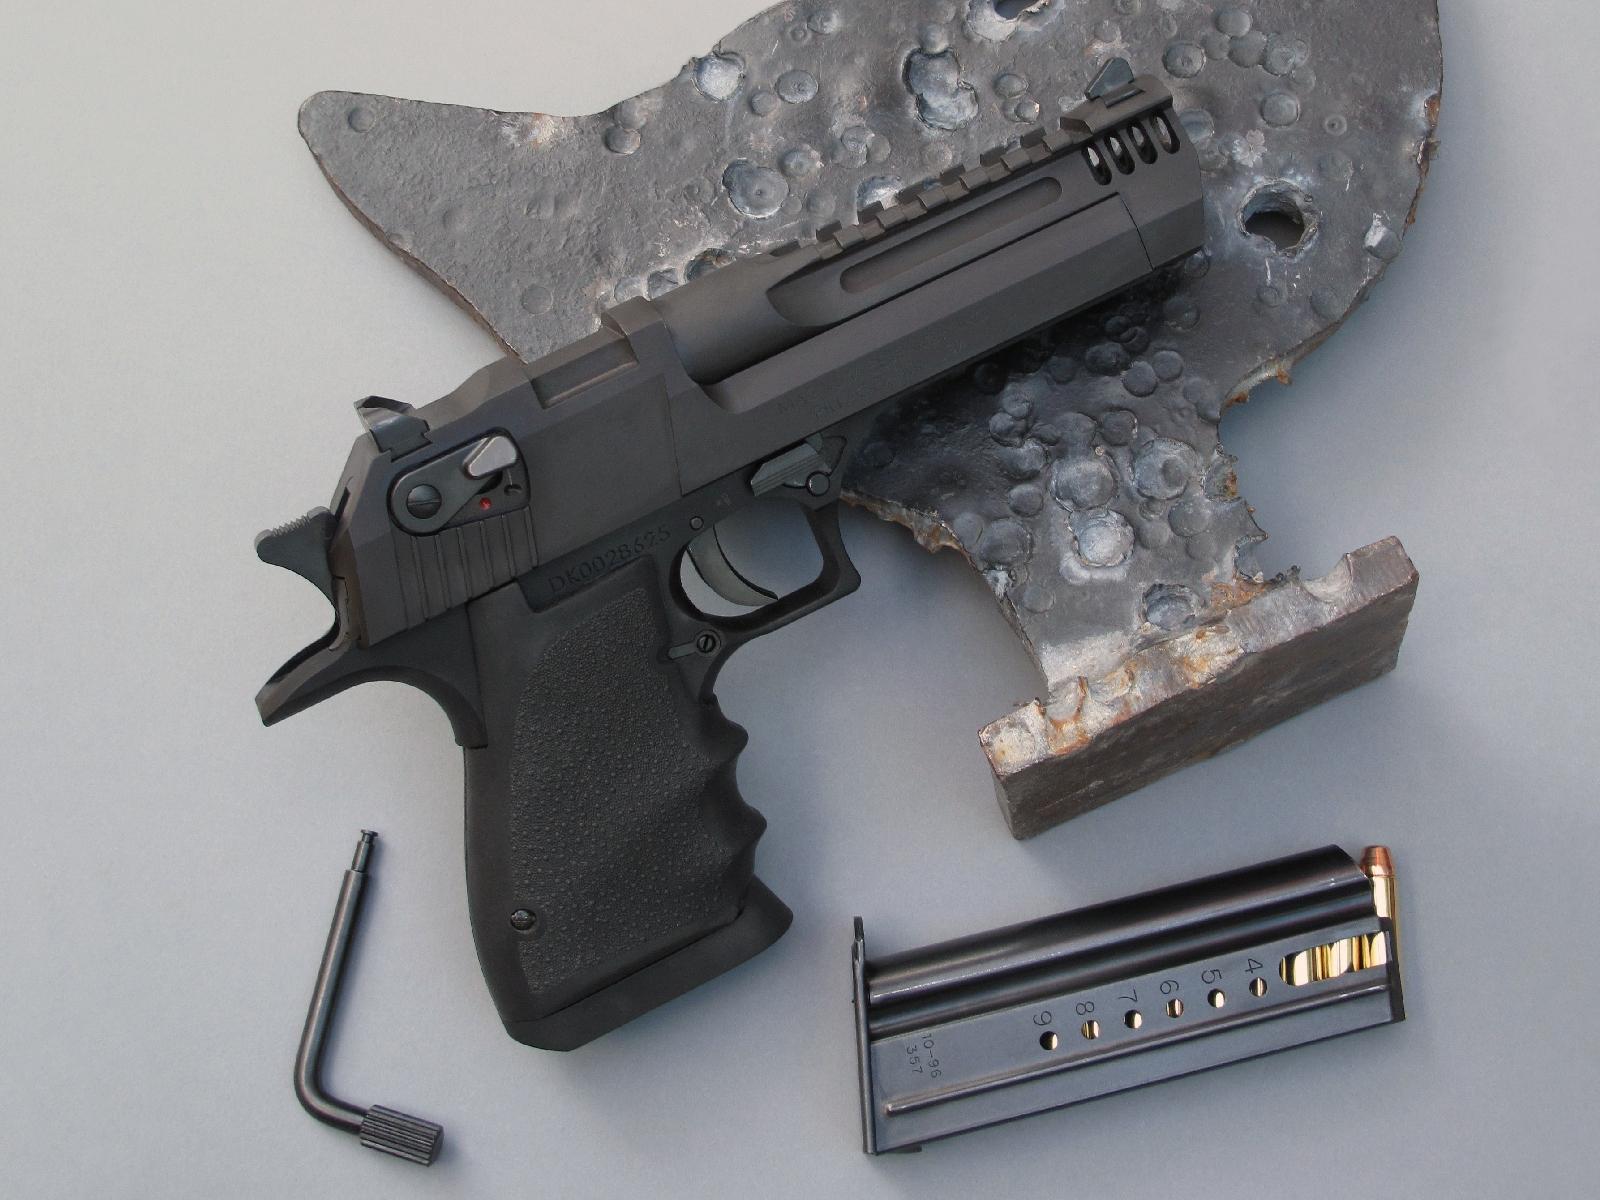 Le Desert Eagle est posé ici sur la silhouette du poulet, la plus légère et la moins éloignée des quatre silhouettes métalliques qui se tirent aux distances de 50, 100, 150 et 200 mètres avec des armes de poing de gros calibre. Conçu pour la chasse, ce pistolet est cependant inadapté à cette discipline du fait qu'elle ne comporte pas de catégorie spécifique, ce qui le met en concurrence avec des pistolets à un coup plus légers et plus performants pour le tir à longue distance.